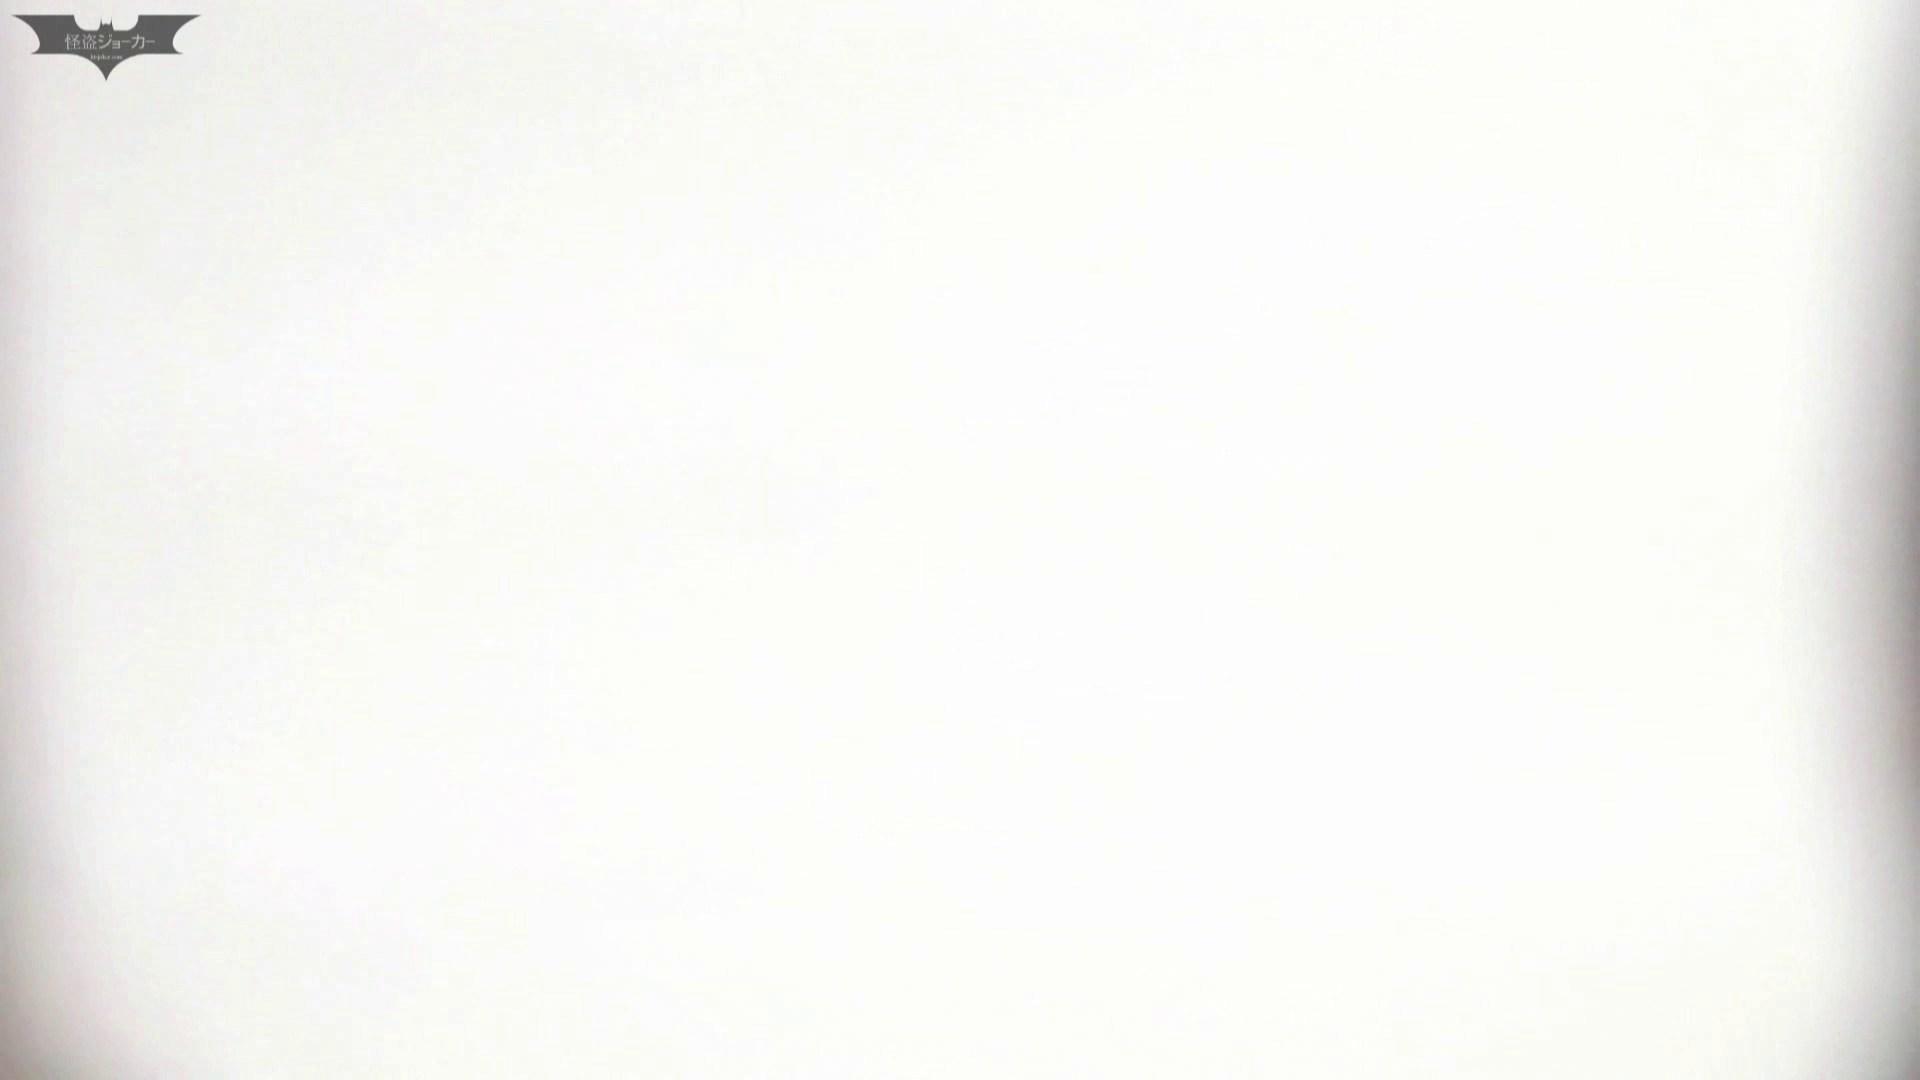 【潜入トイレ盗撮】洗面所特攻隊 vol.70 極上品の連続、歌いながら美女入室 高画質 濡れ場動画紹介 97画像 26